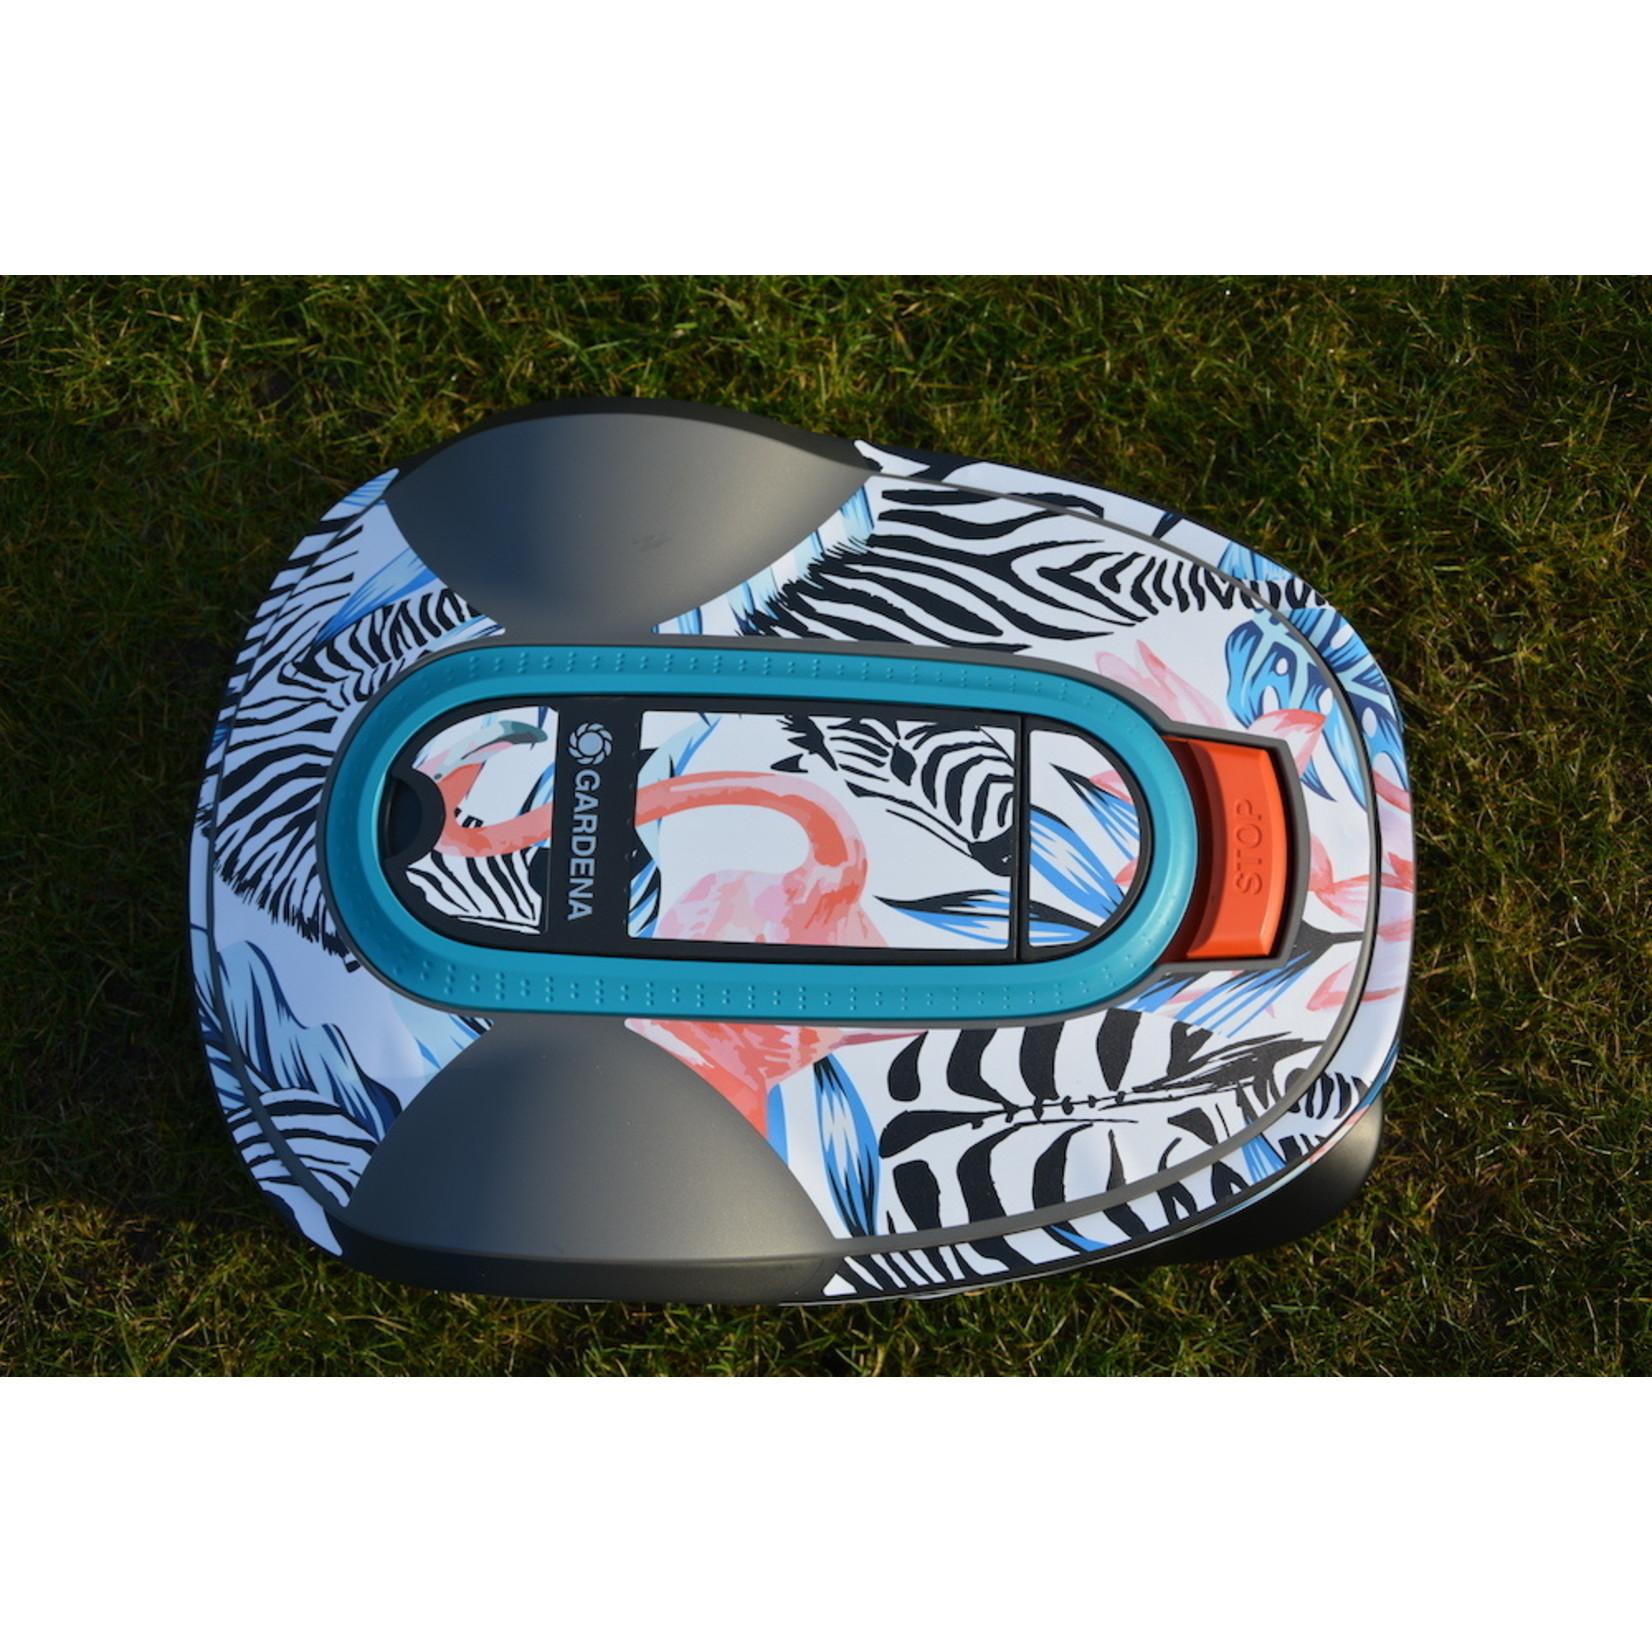 Twinckels Twinckels outfit voor Gardena Robotmaaier Sileno - Zebra